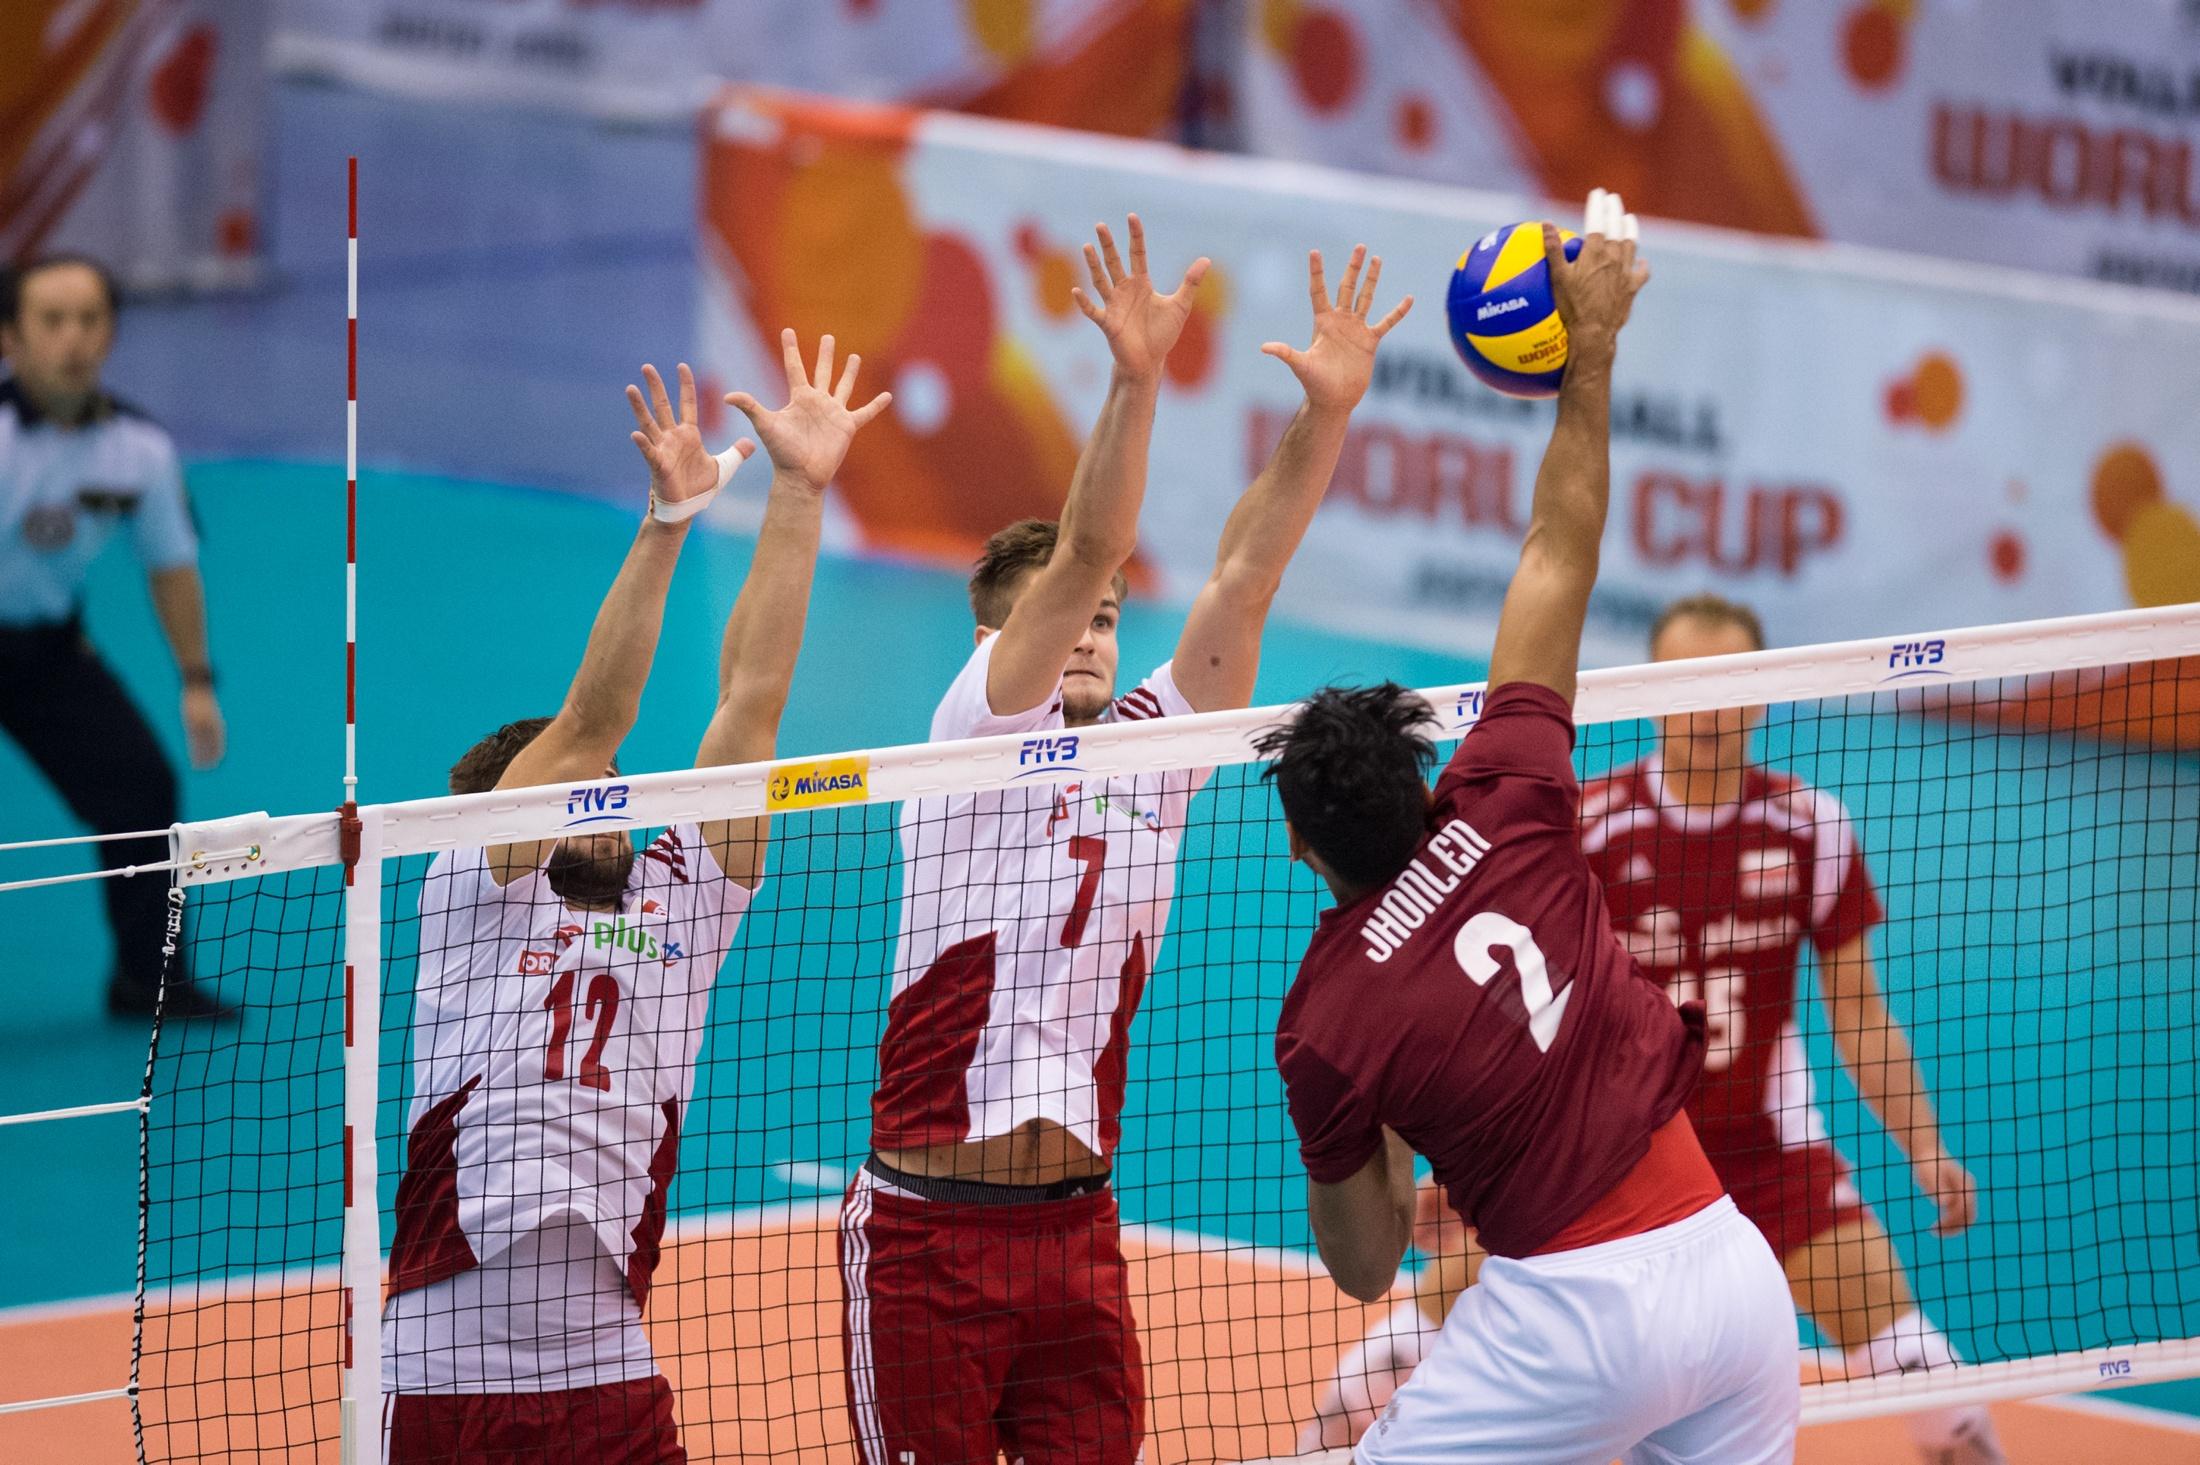 Aislaron a la selección venezolana de voleibol